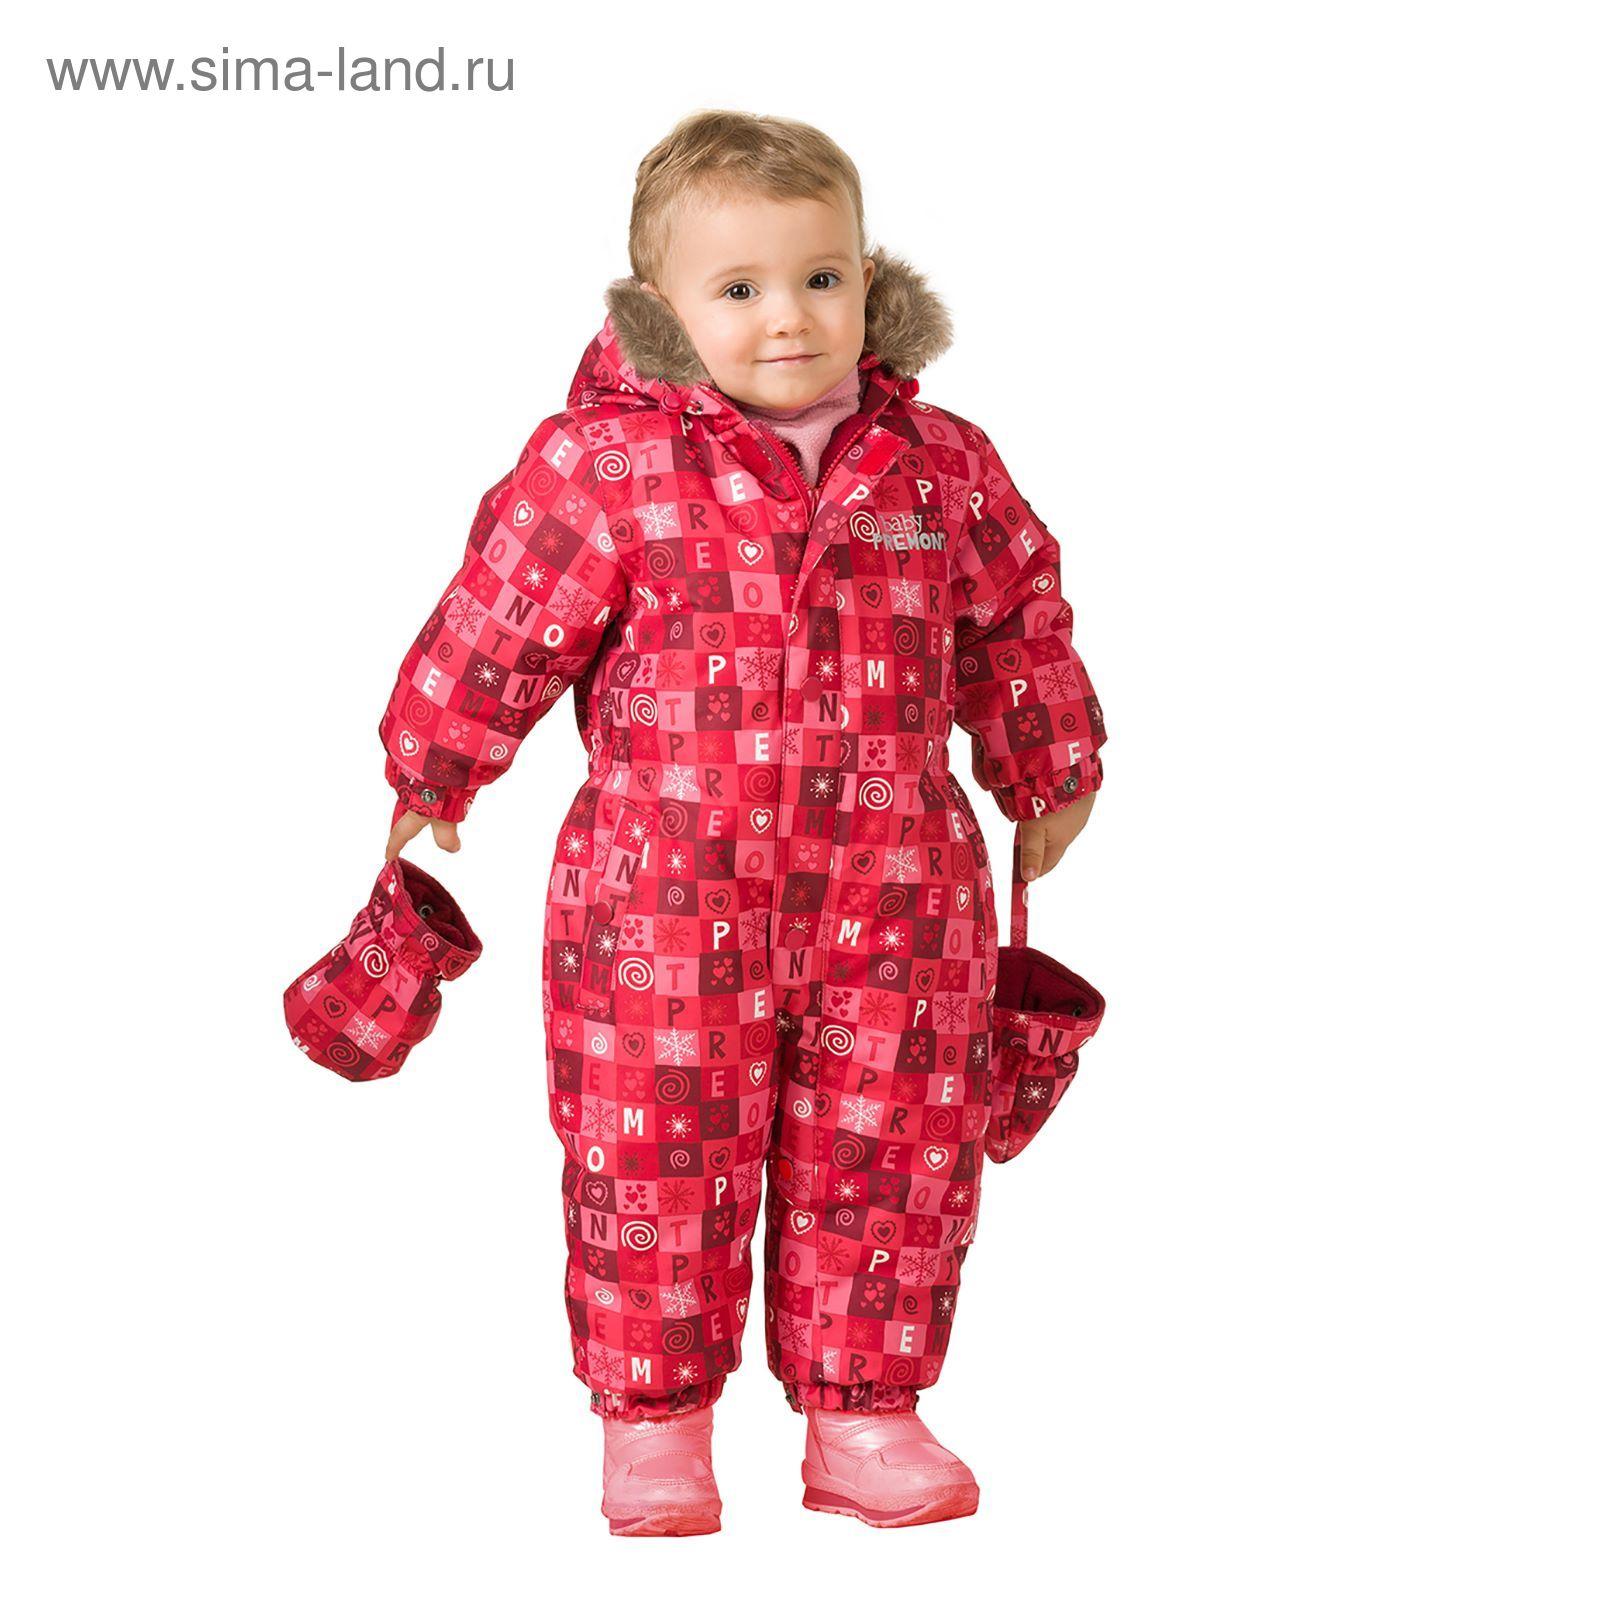 a629728102aa Зимний комбинезон для девочки, рост 92 см, цвет красный W17301_М ...